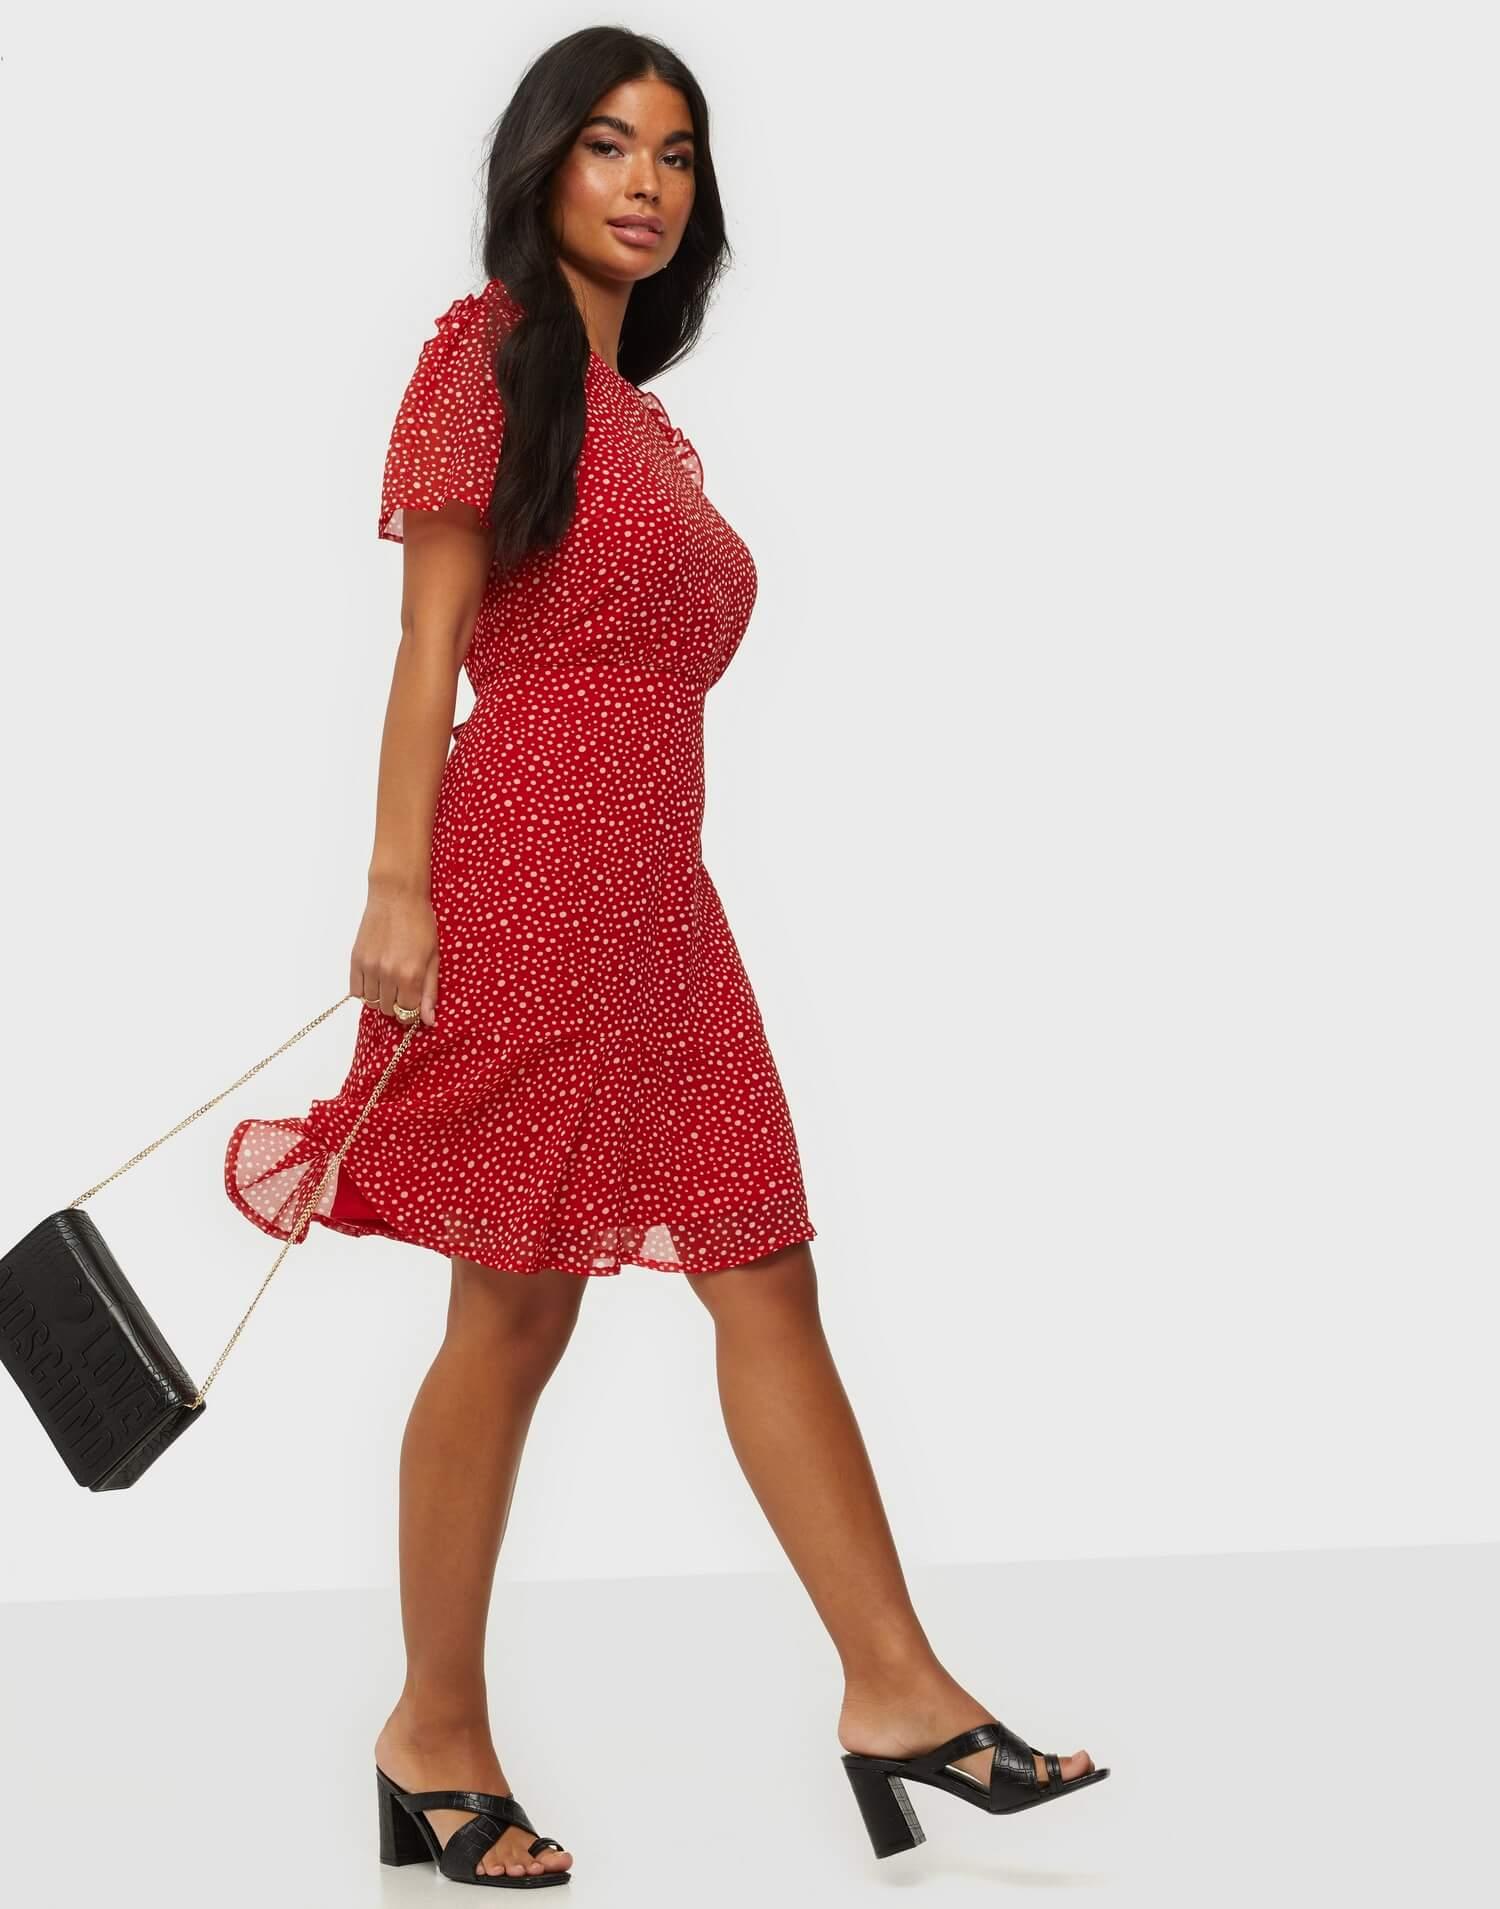 Röd prickig klänning från Vero Moda.